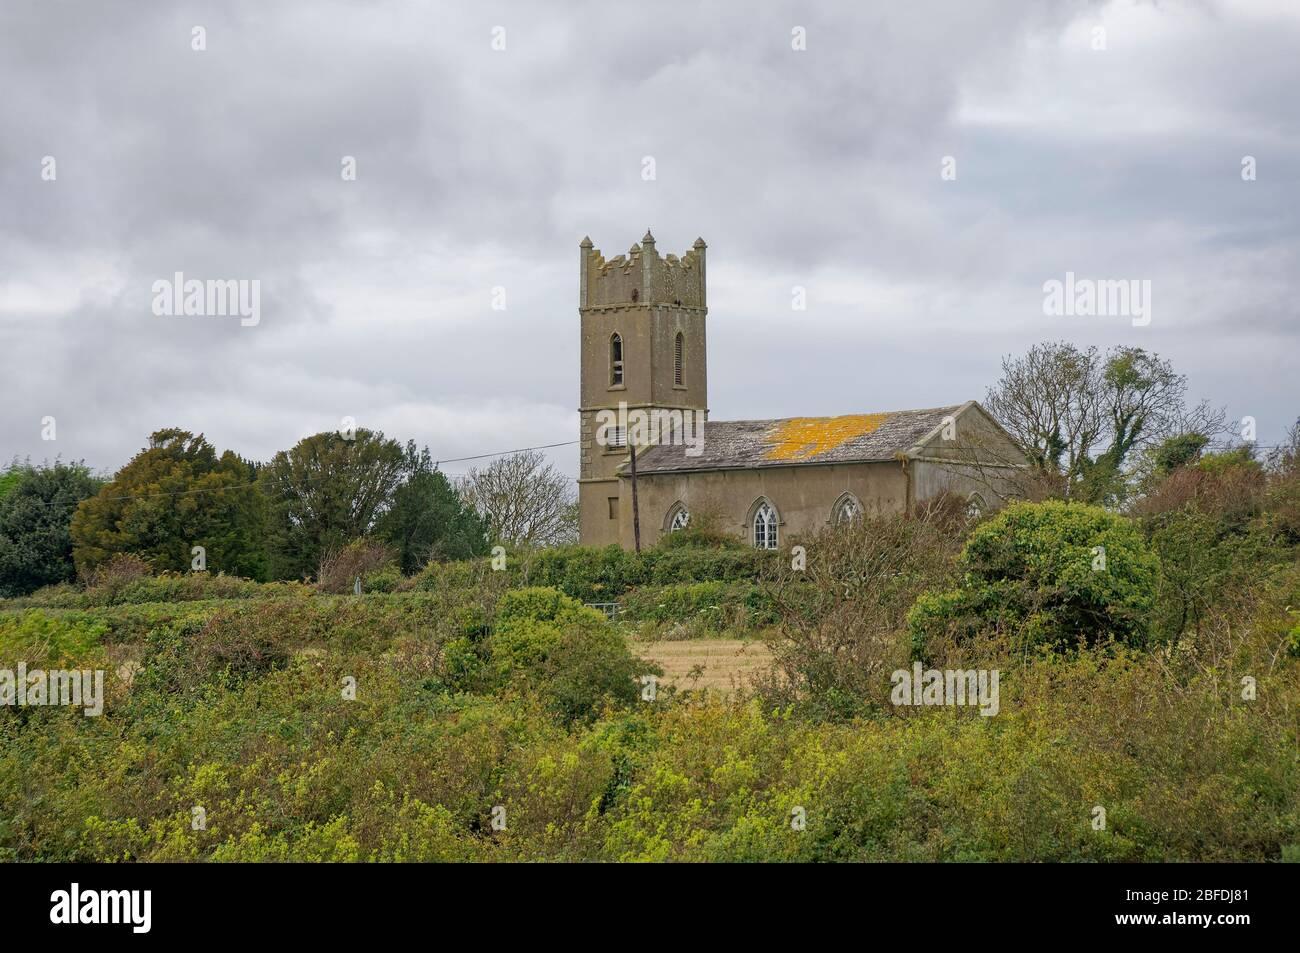 L'église St Mary est située sur la colline Johns au-dessus de l'estuaire de Kieran's Quay dans le comté de Wexford, une journée bien remplie en octobre. Banque D'Images